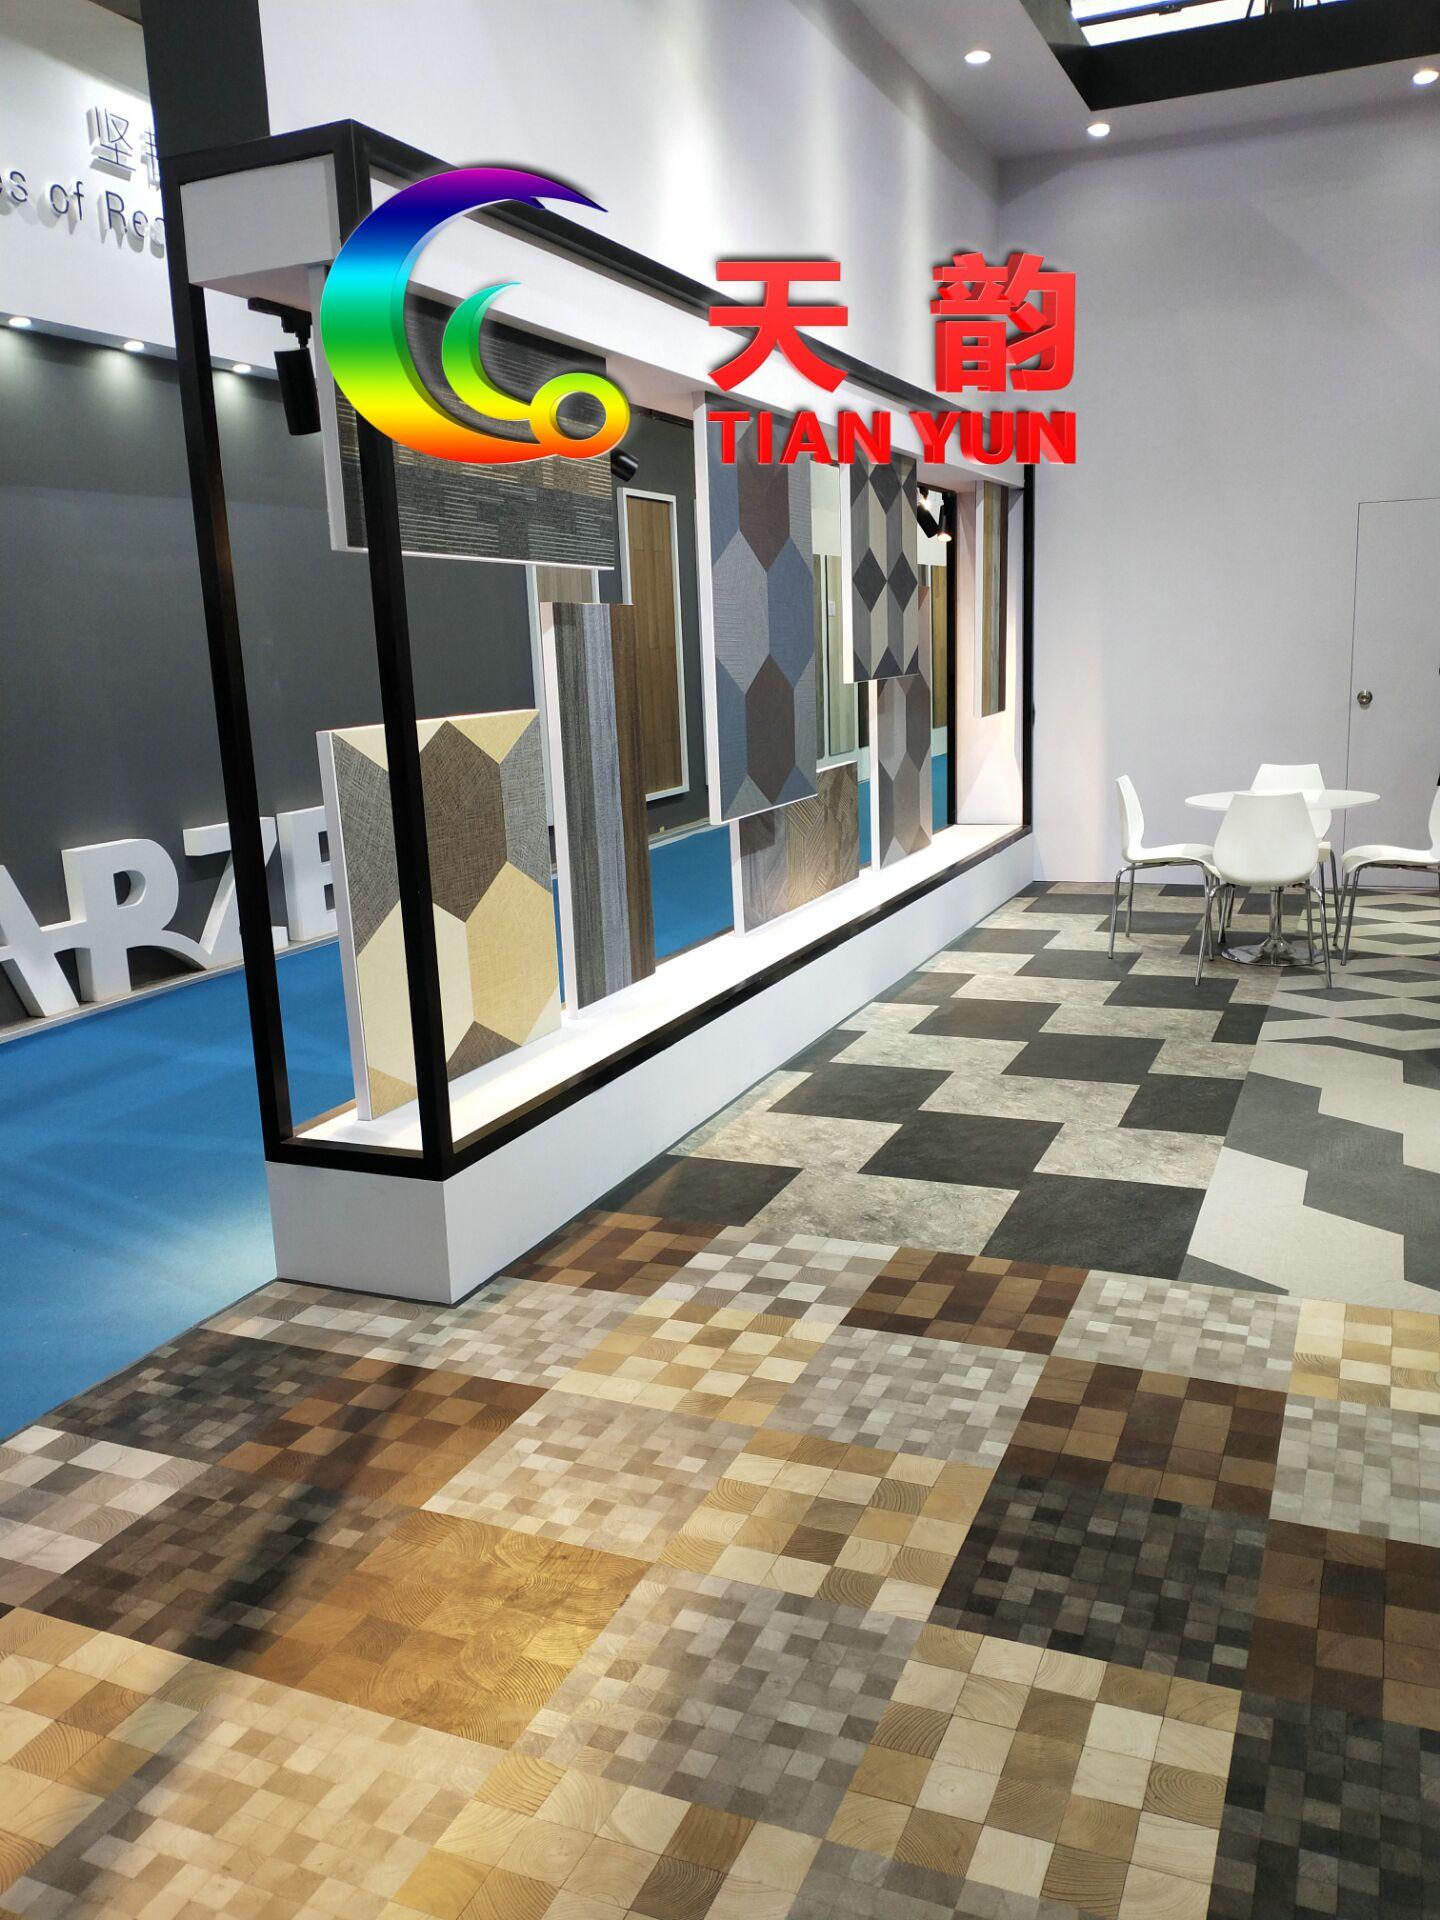 【天韵】办公商用塑胶地板、【天韵】塑胶地板厂家批发